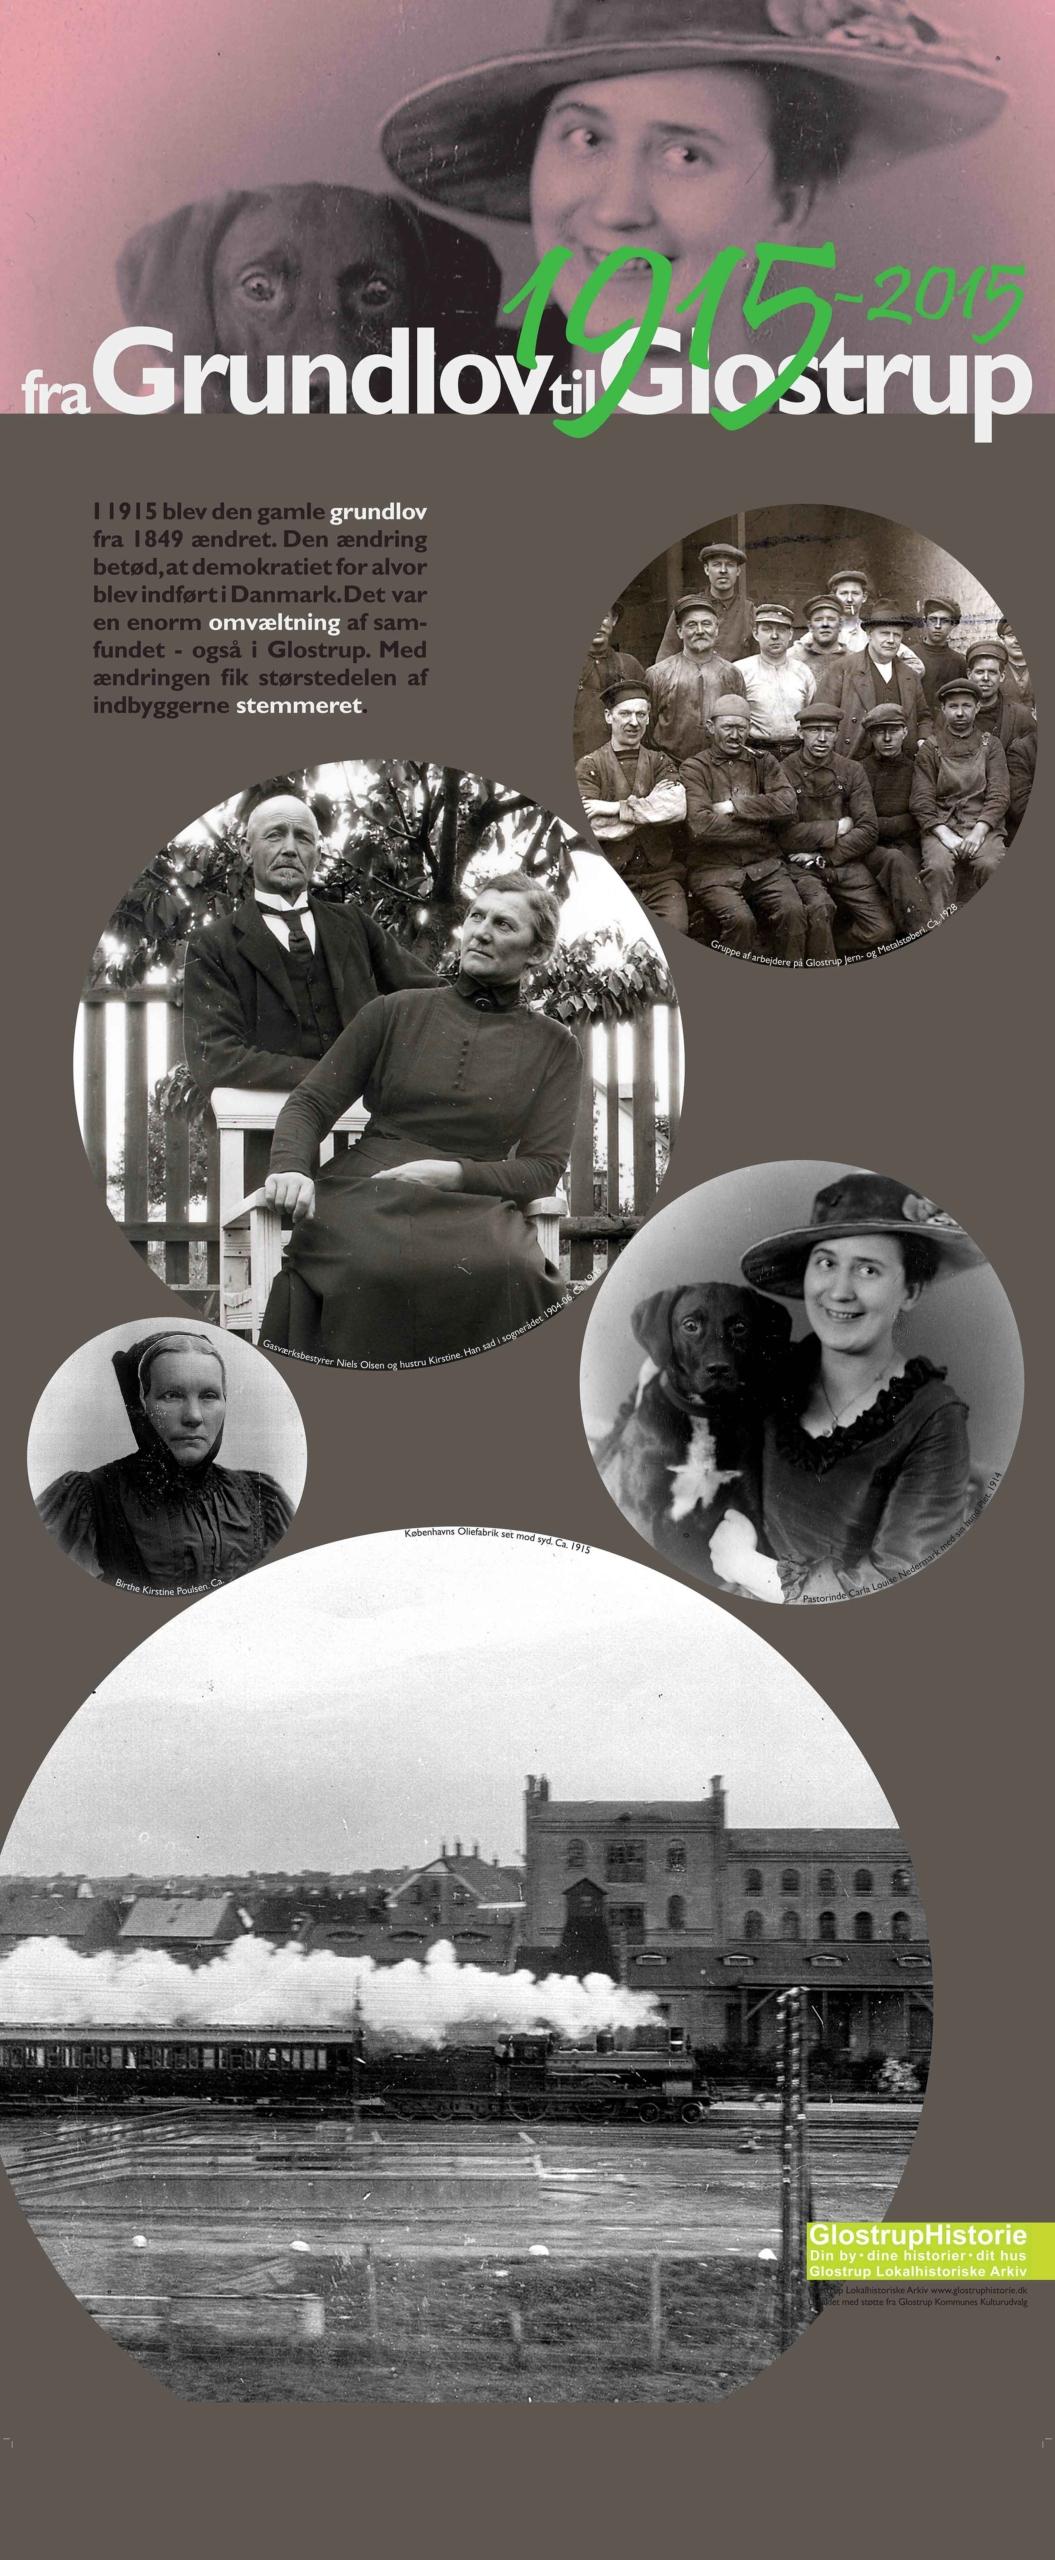 Grundlovs-udstilling 2015. Intro-planche om 100 året for Grundlovsændringen, som bl.a. gav kvinder stemmeret. Fotos af markante kvinder fra det gamle Glostrup.